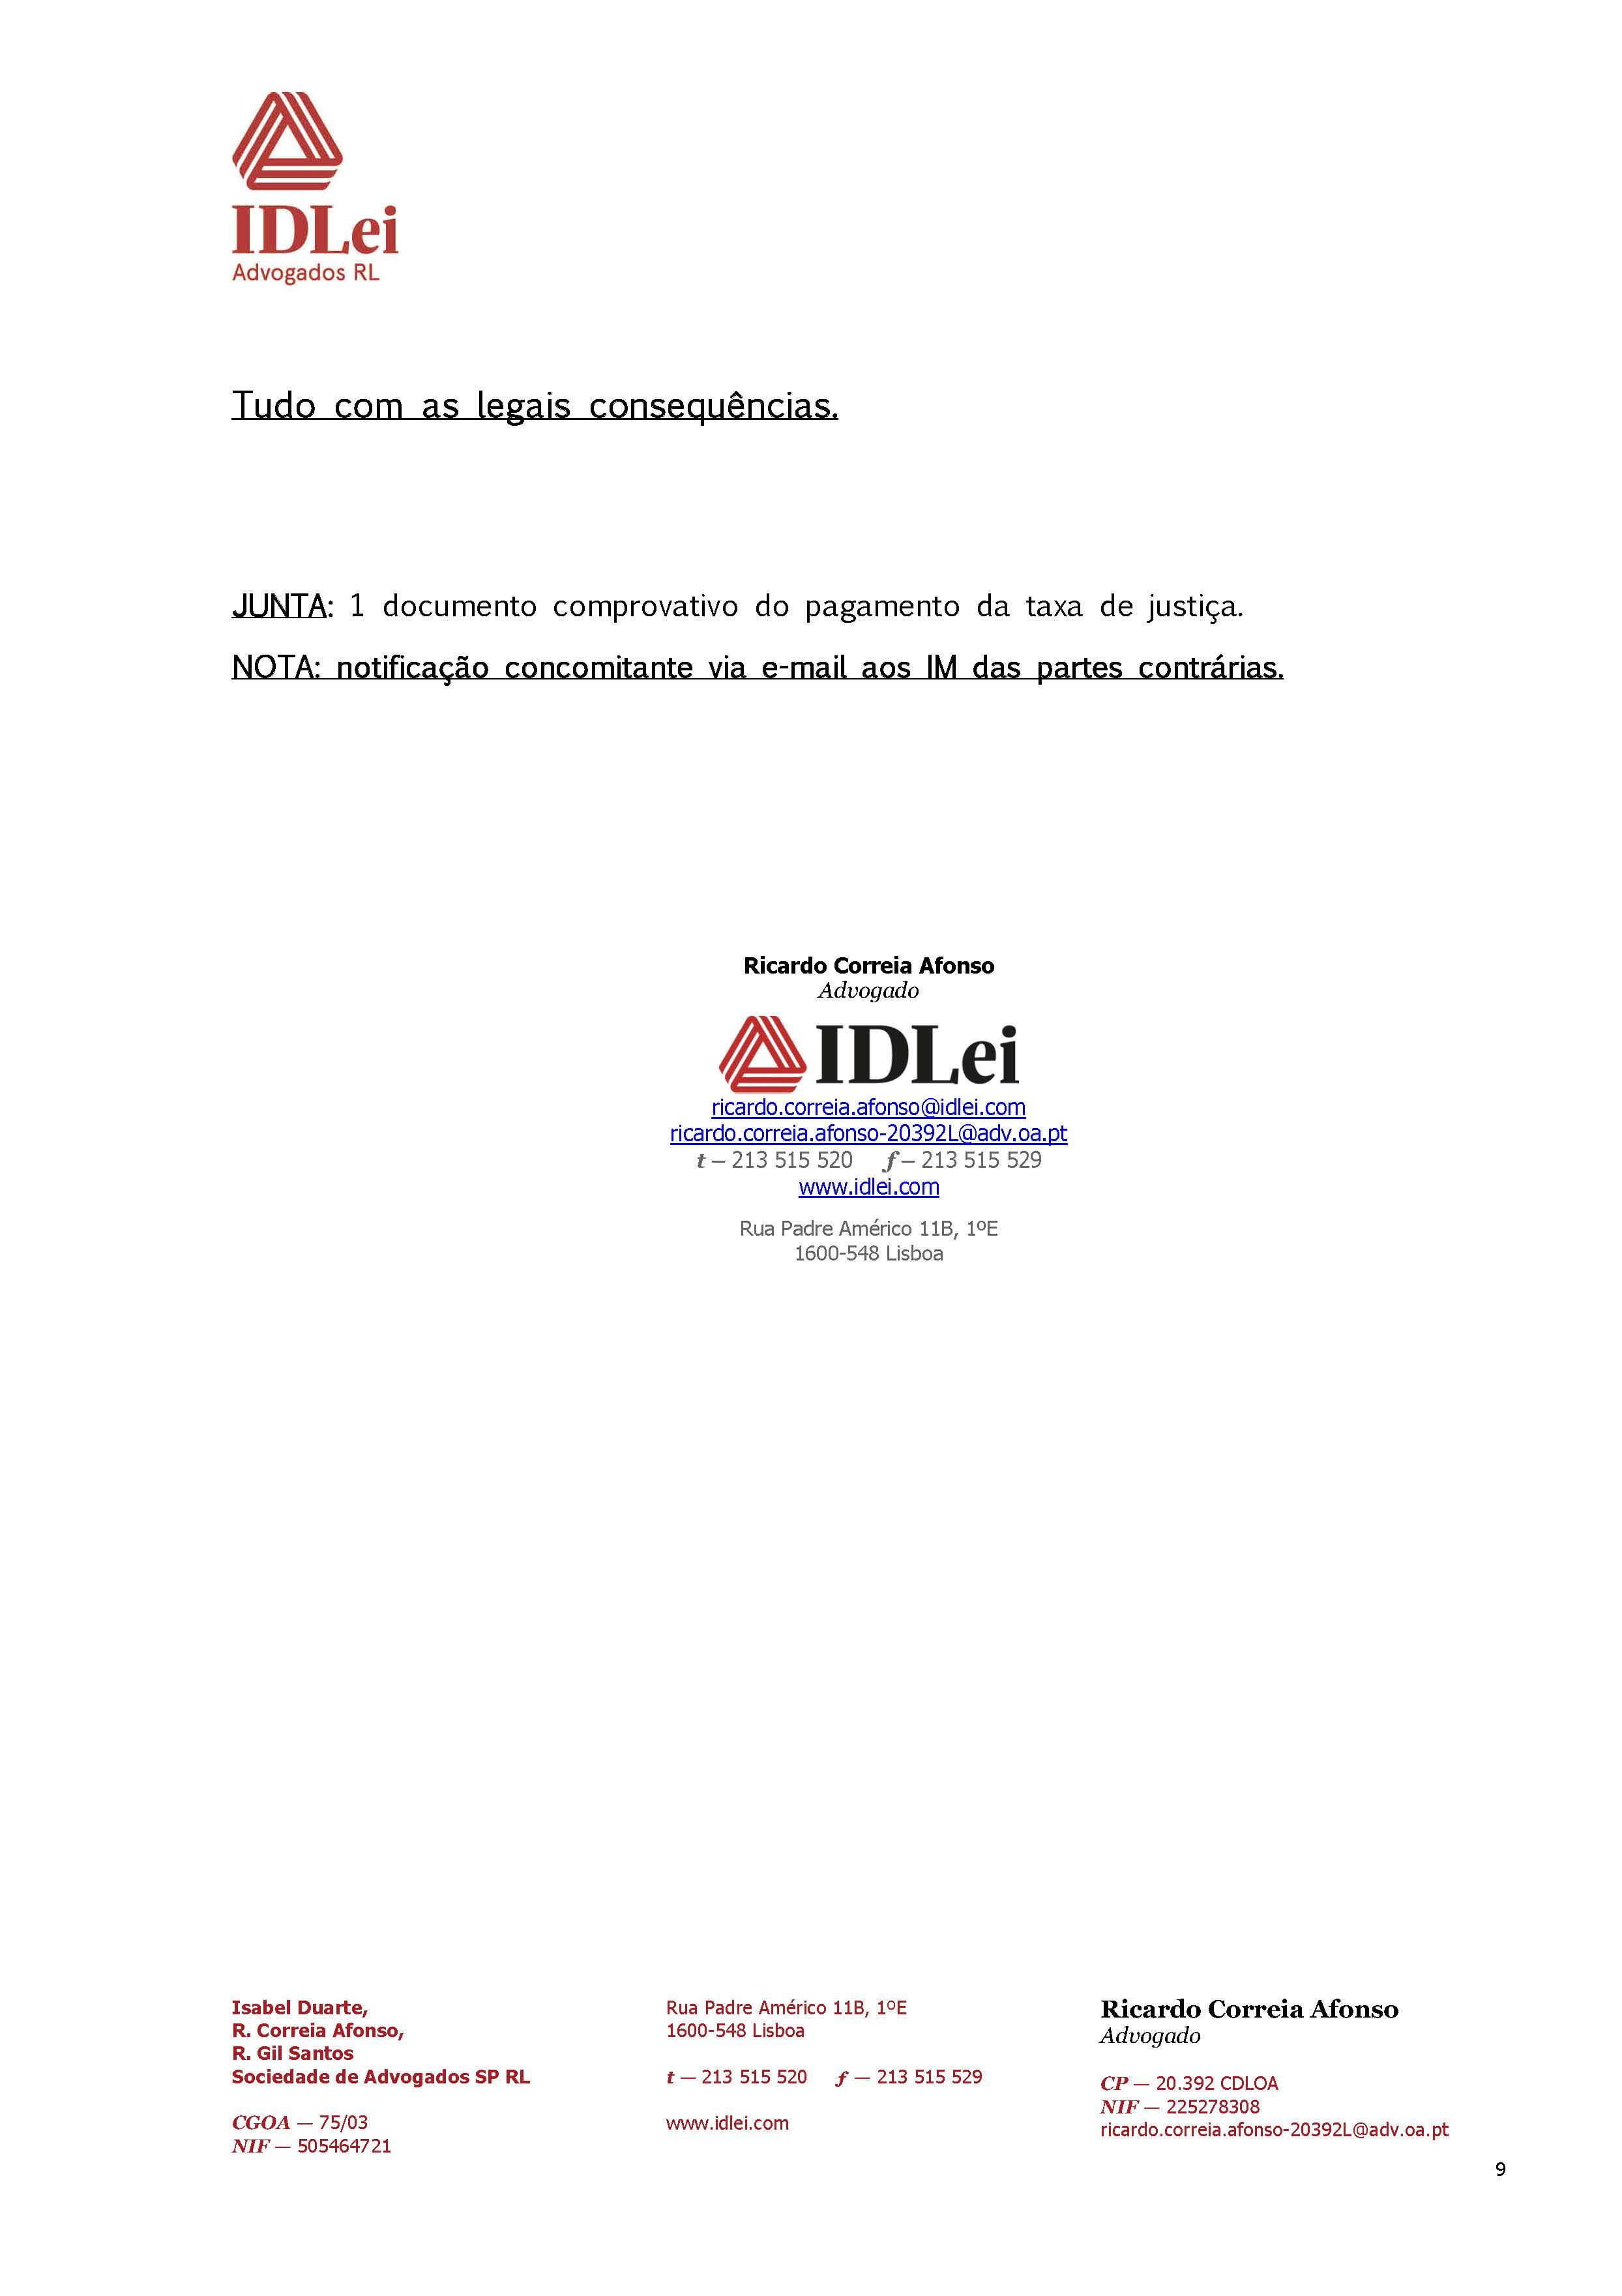 http://www.gerrymccannsblogs.co.uk/A/Arguicao_de%20Nulidade_do_Acordao_Page_9.jpg